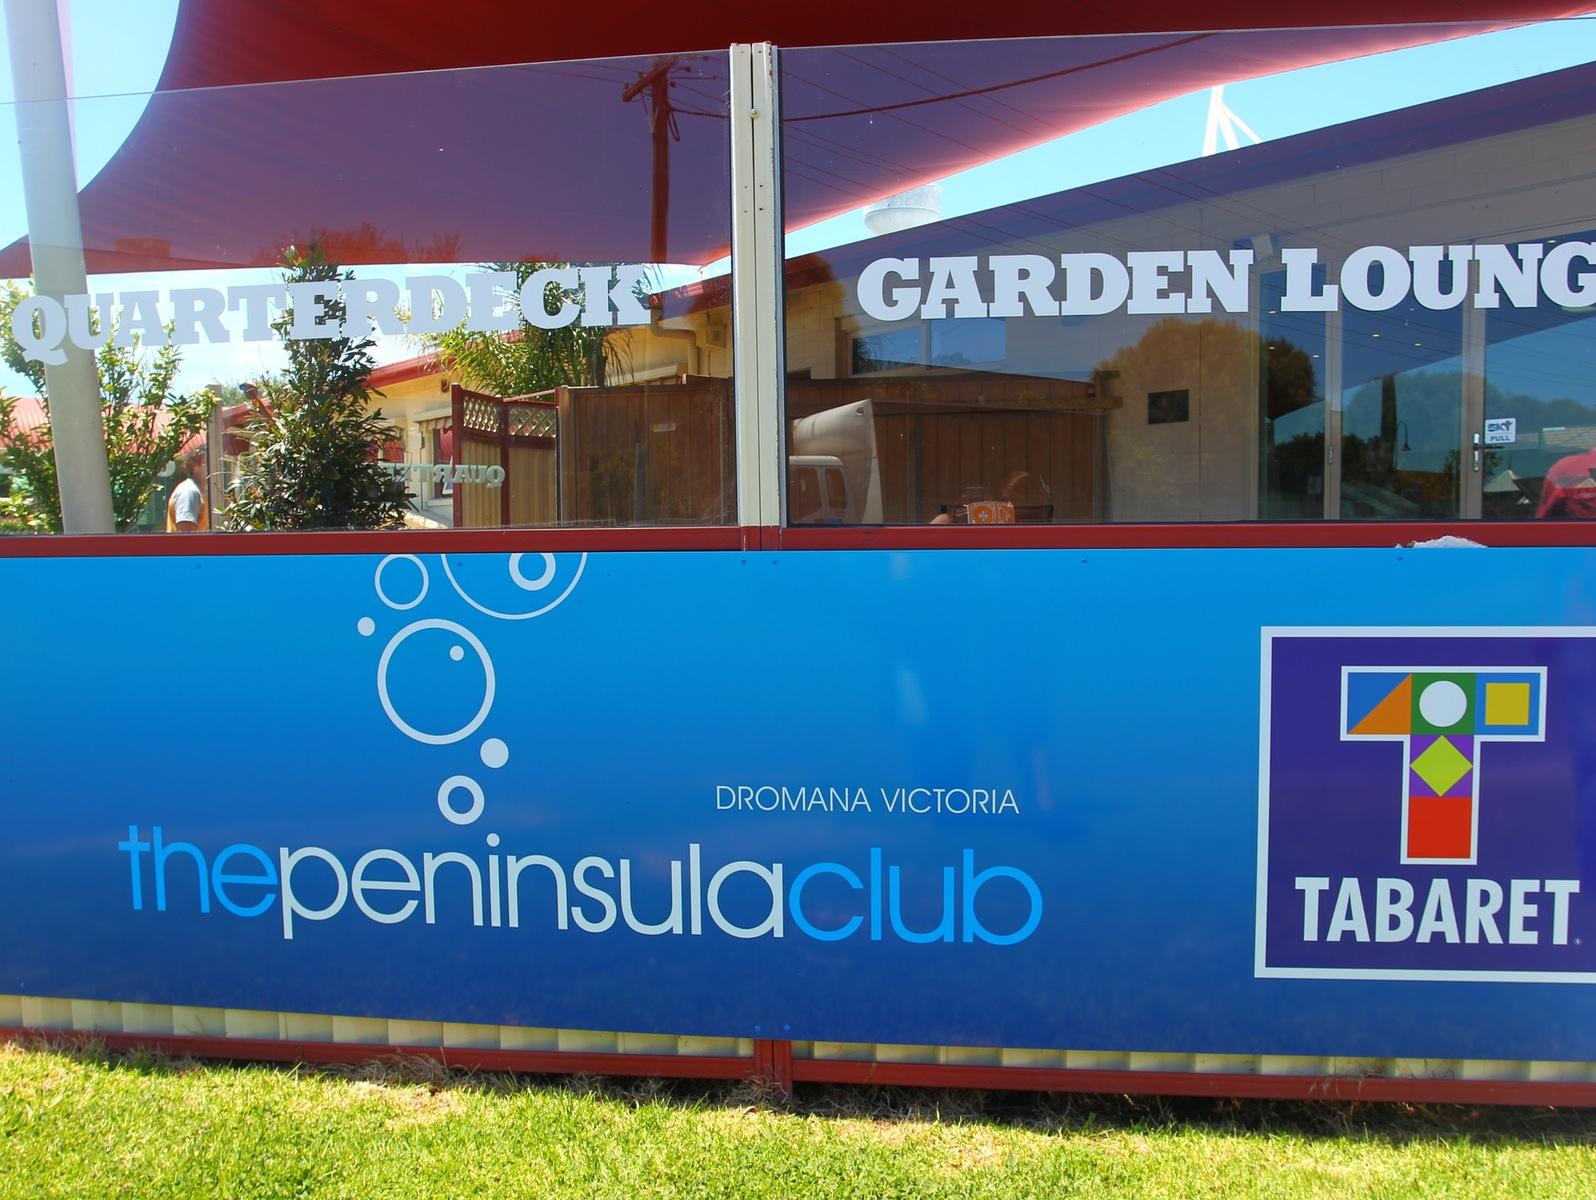 peninsula club, dromana